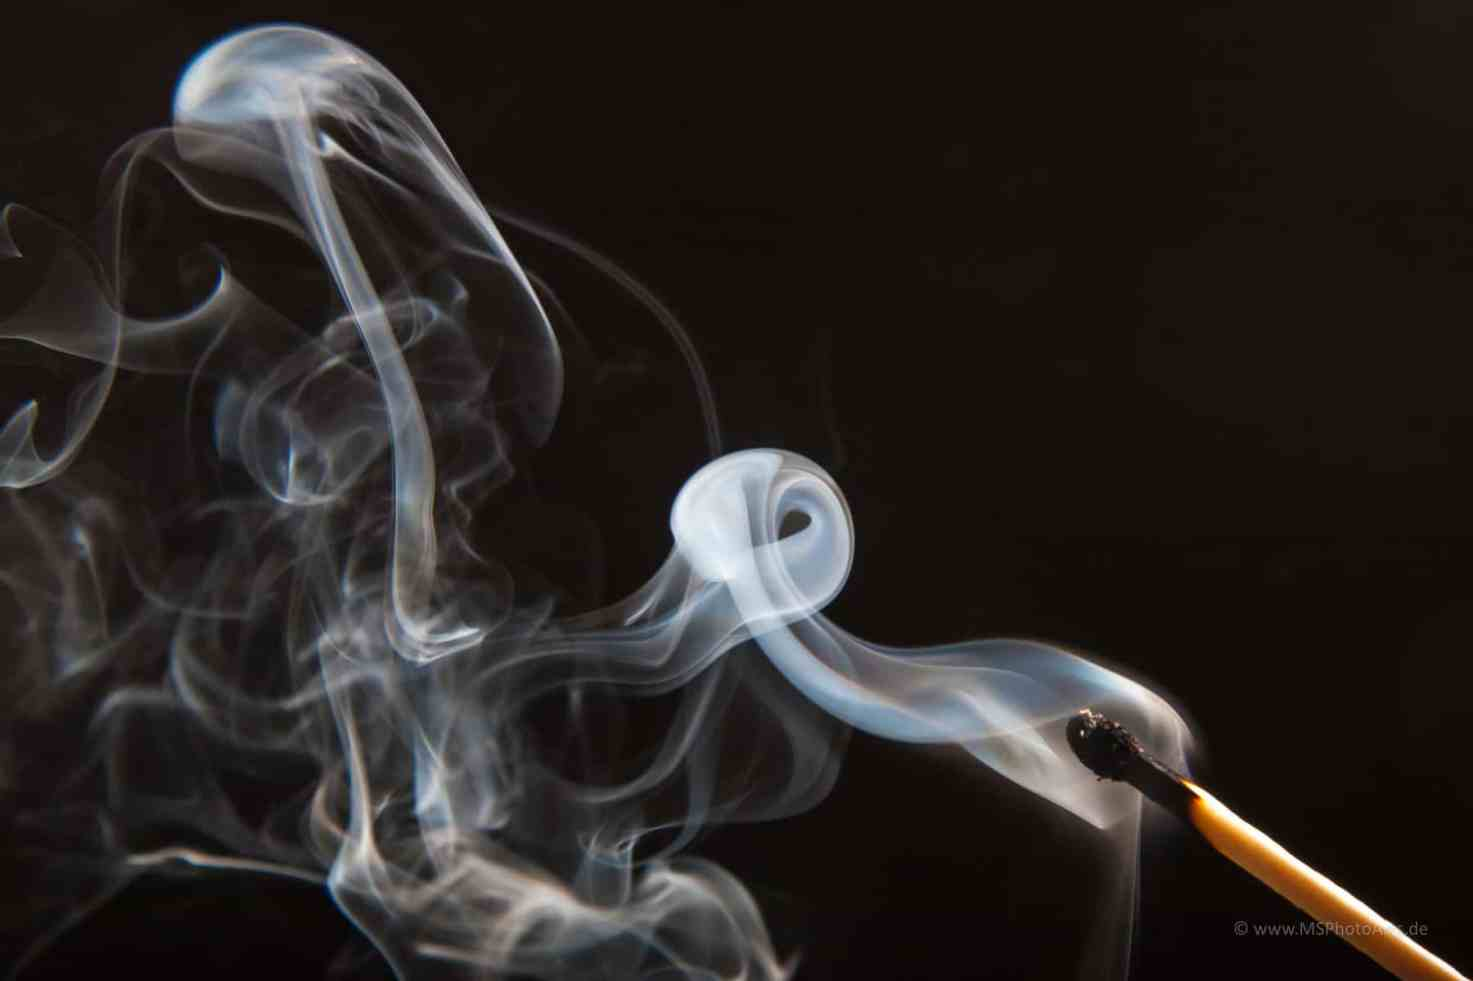 Aliendriver - Besonders Rauchbilder wecken die Phantasie. Ich sehe hier z.B. einen Alien am Steuer.